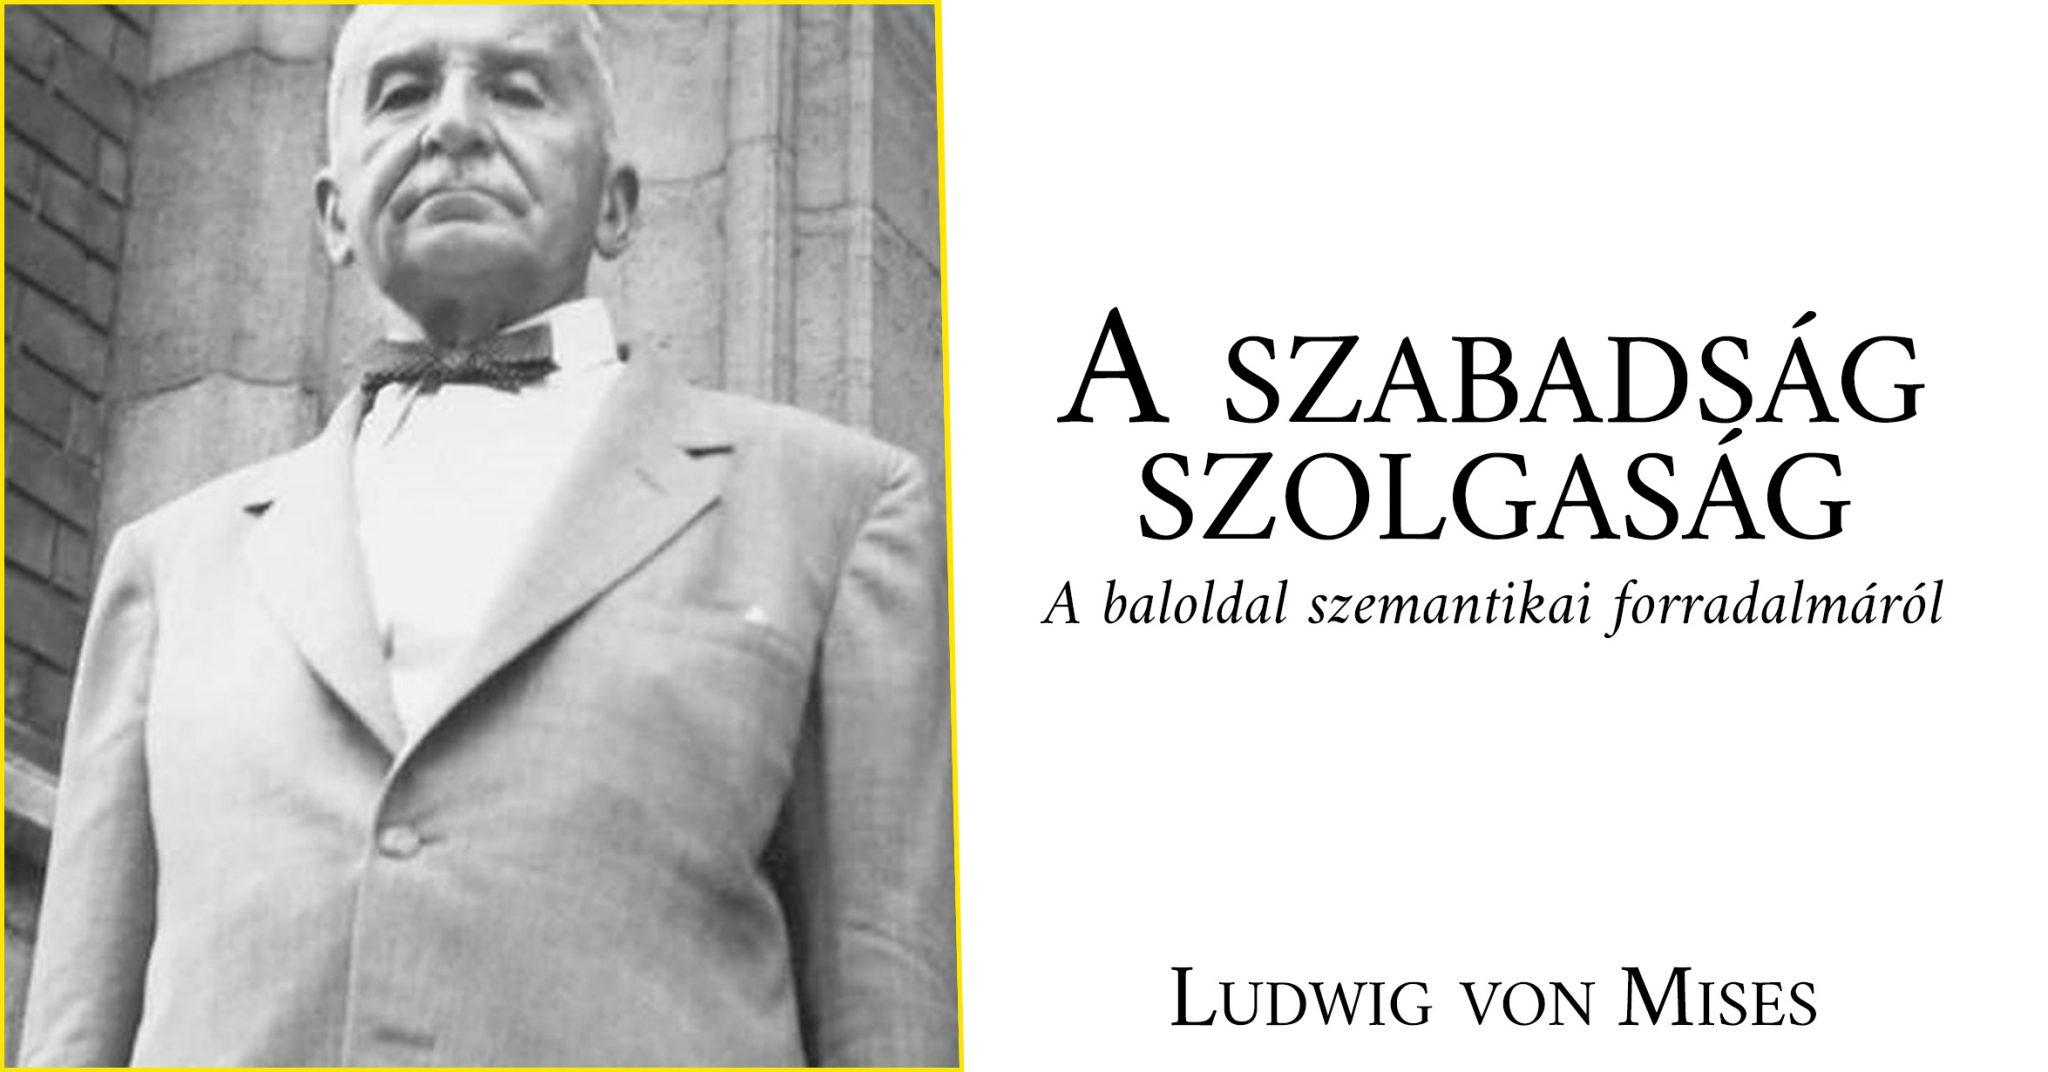 Ludwig von Mises - A szabadság szolgaság